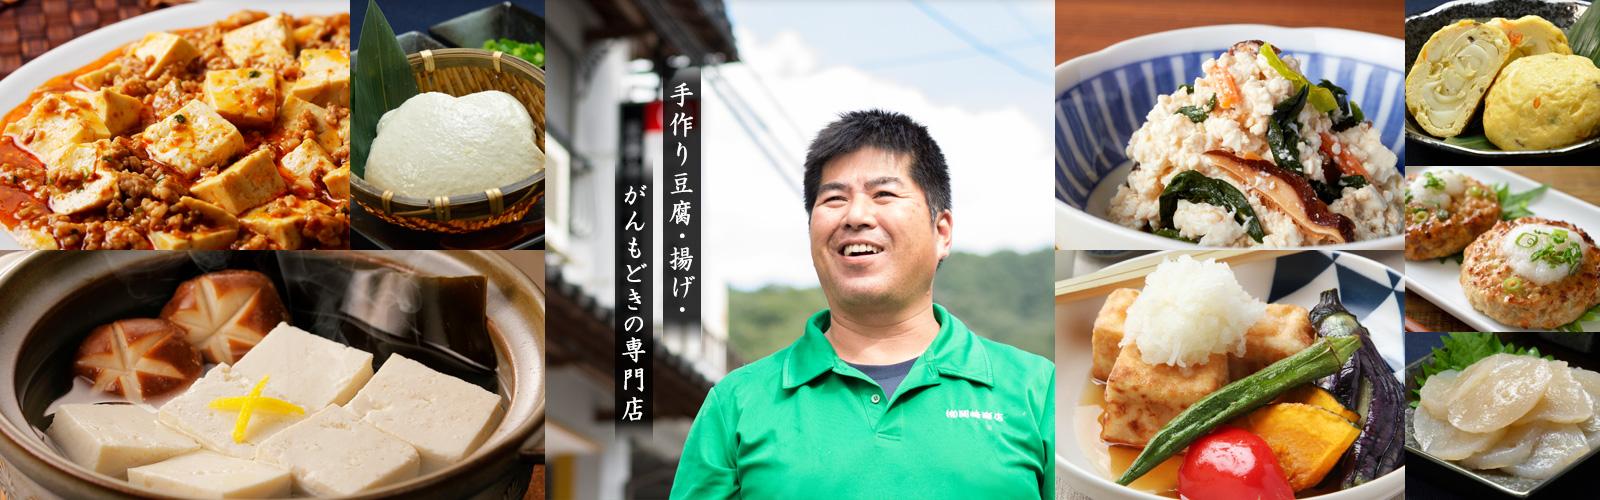 手作り豆腐・揚げ・がんもどきの専門店